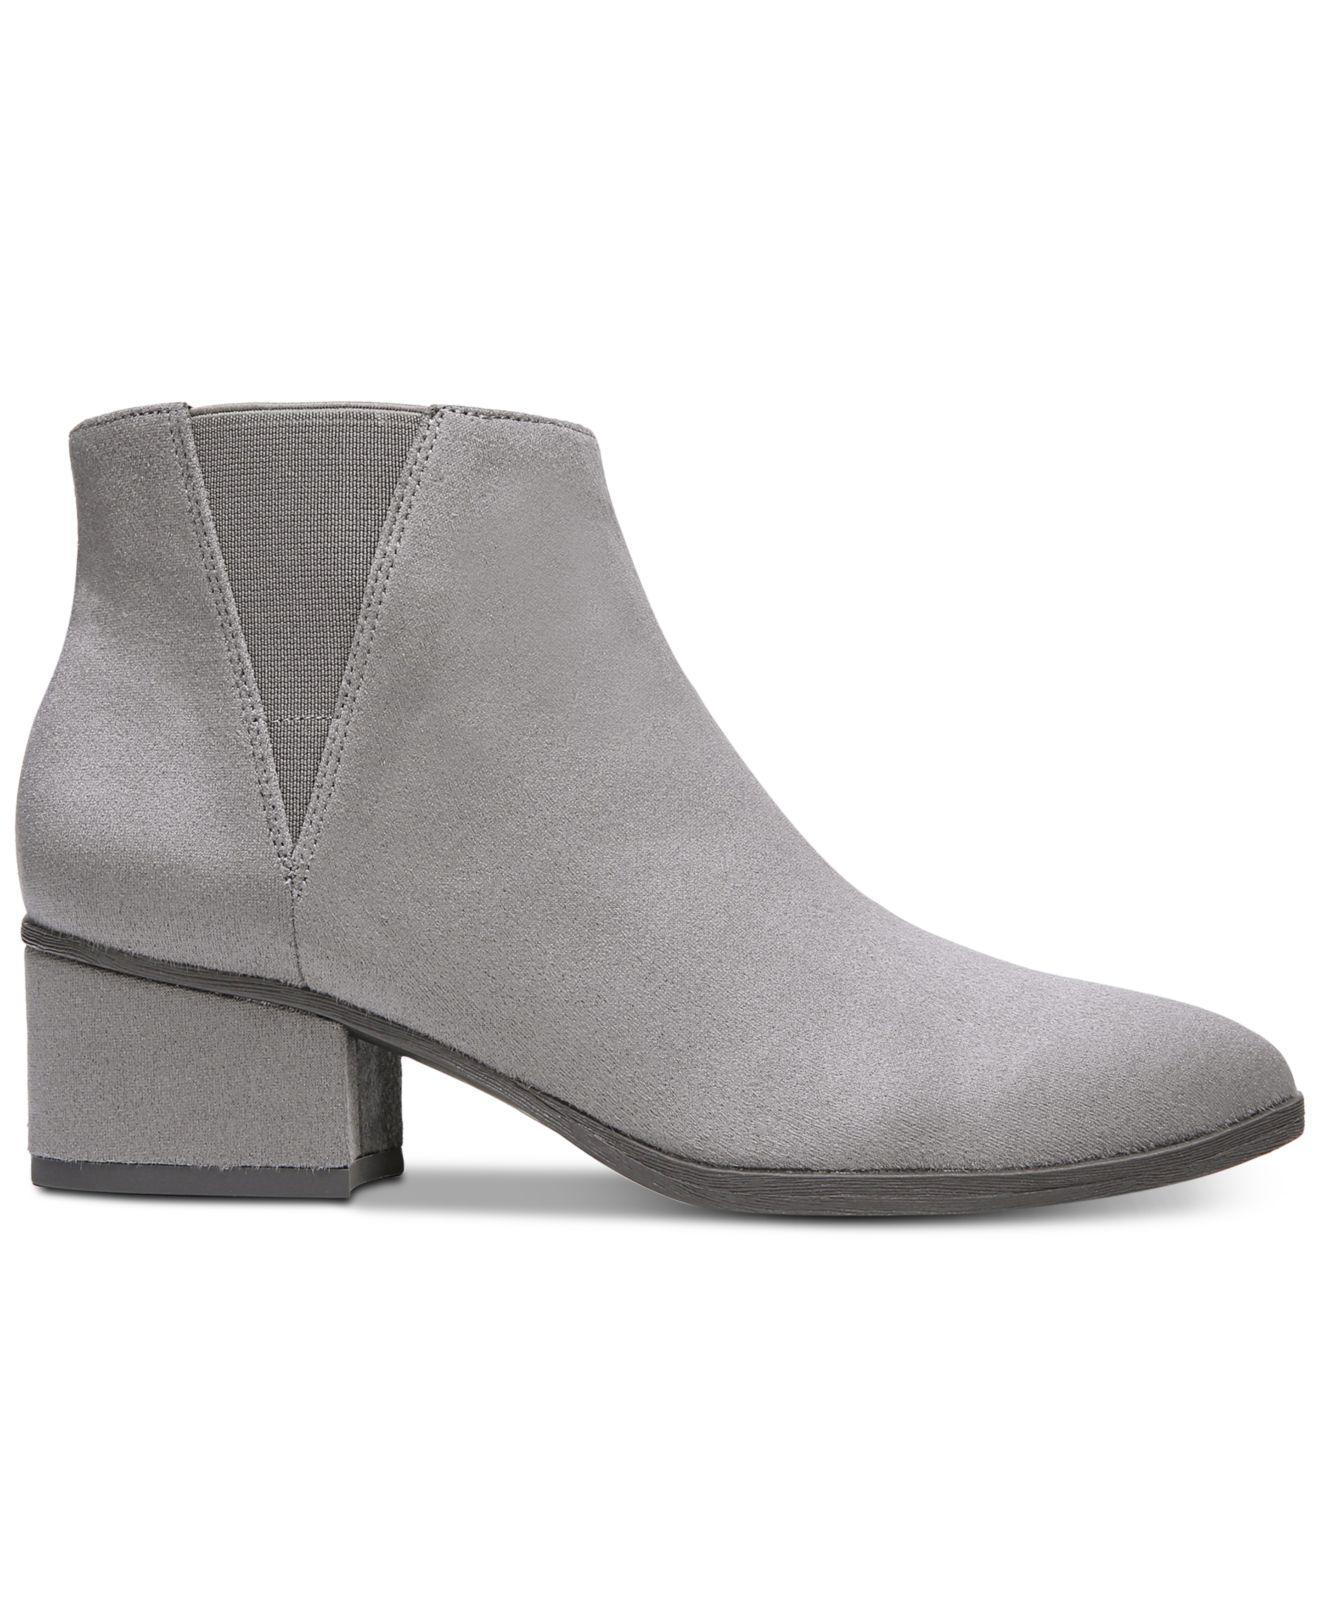 58c912f65aa3 Lyst - Dr. Scholls Tumbler Booties in Gray